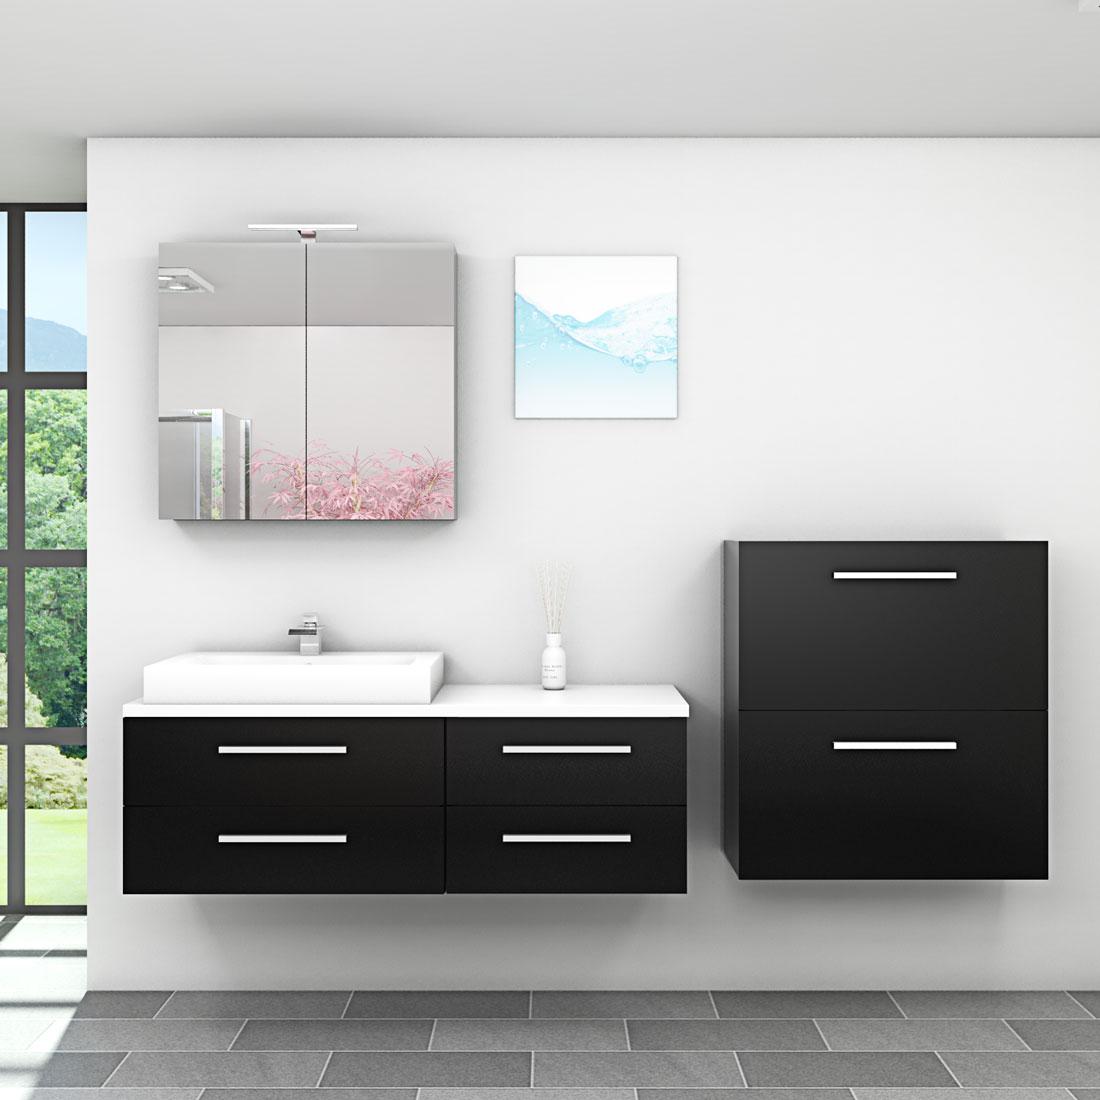 Waschtisch 140 cm - Badezimmermobel ebay ...